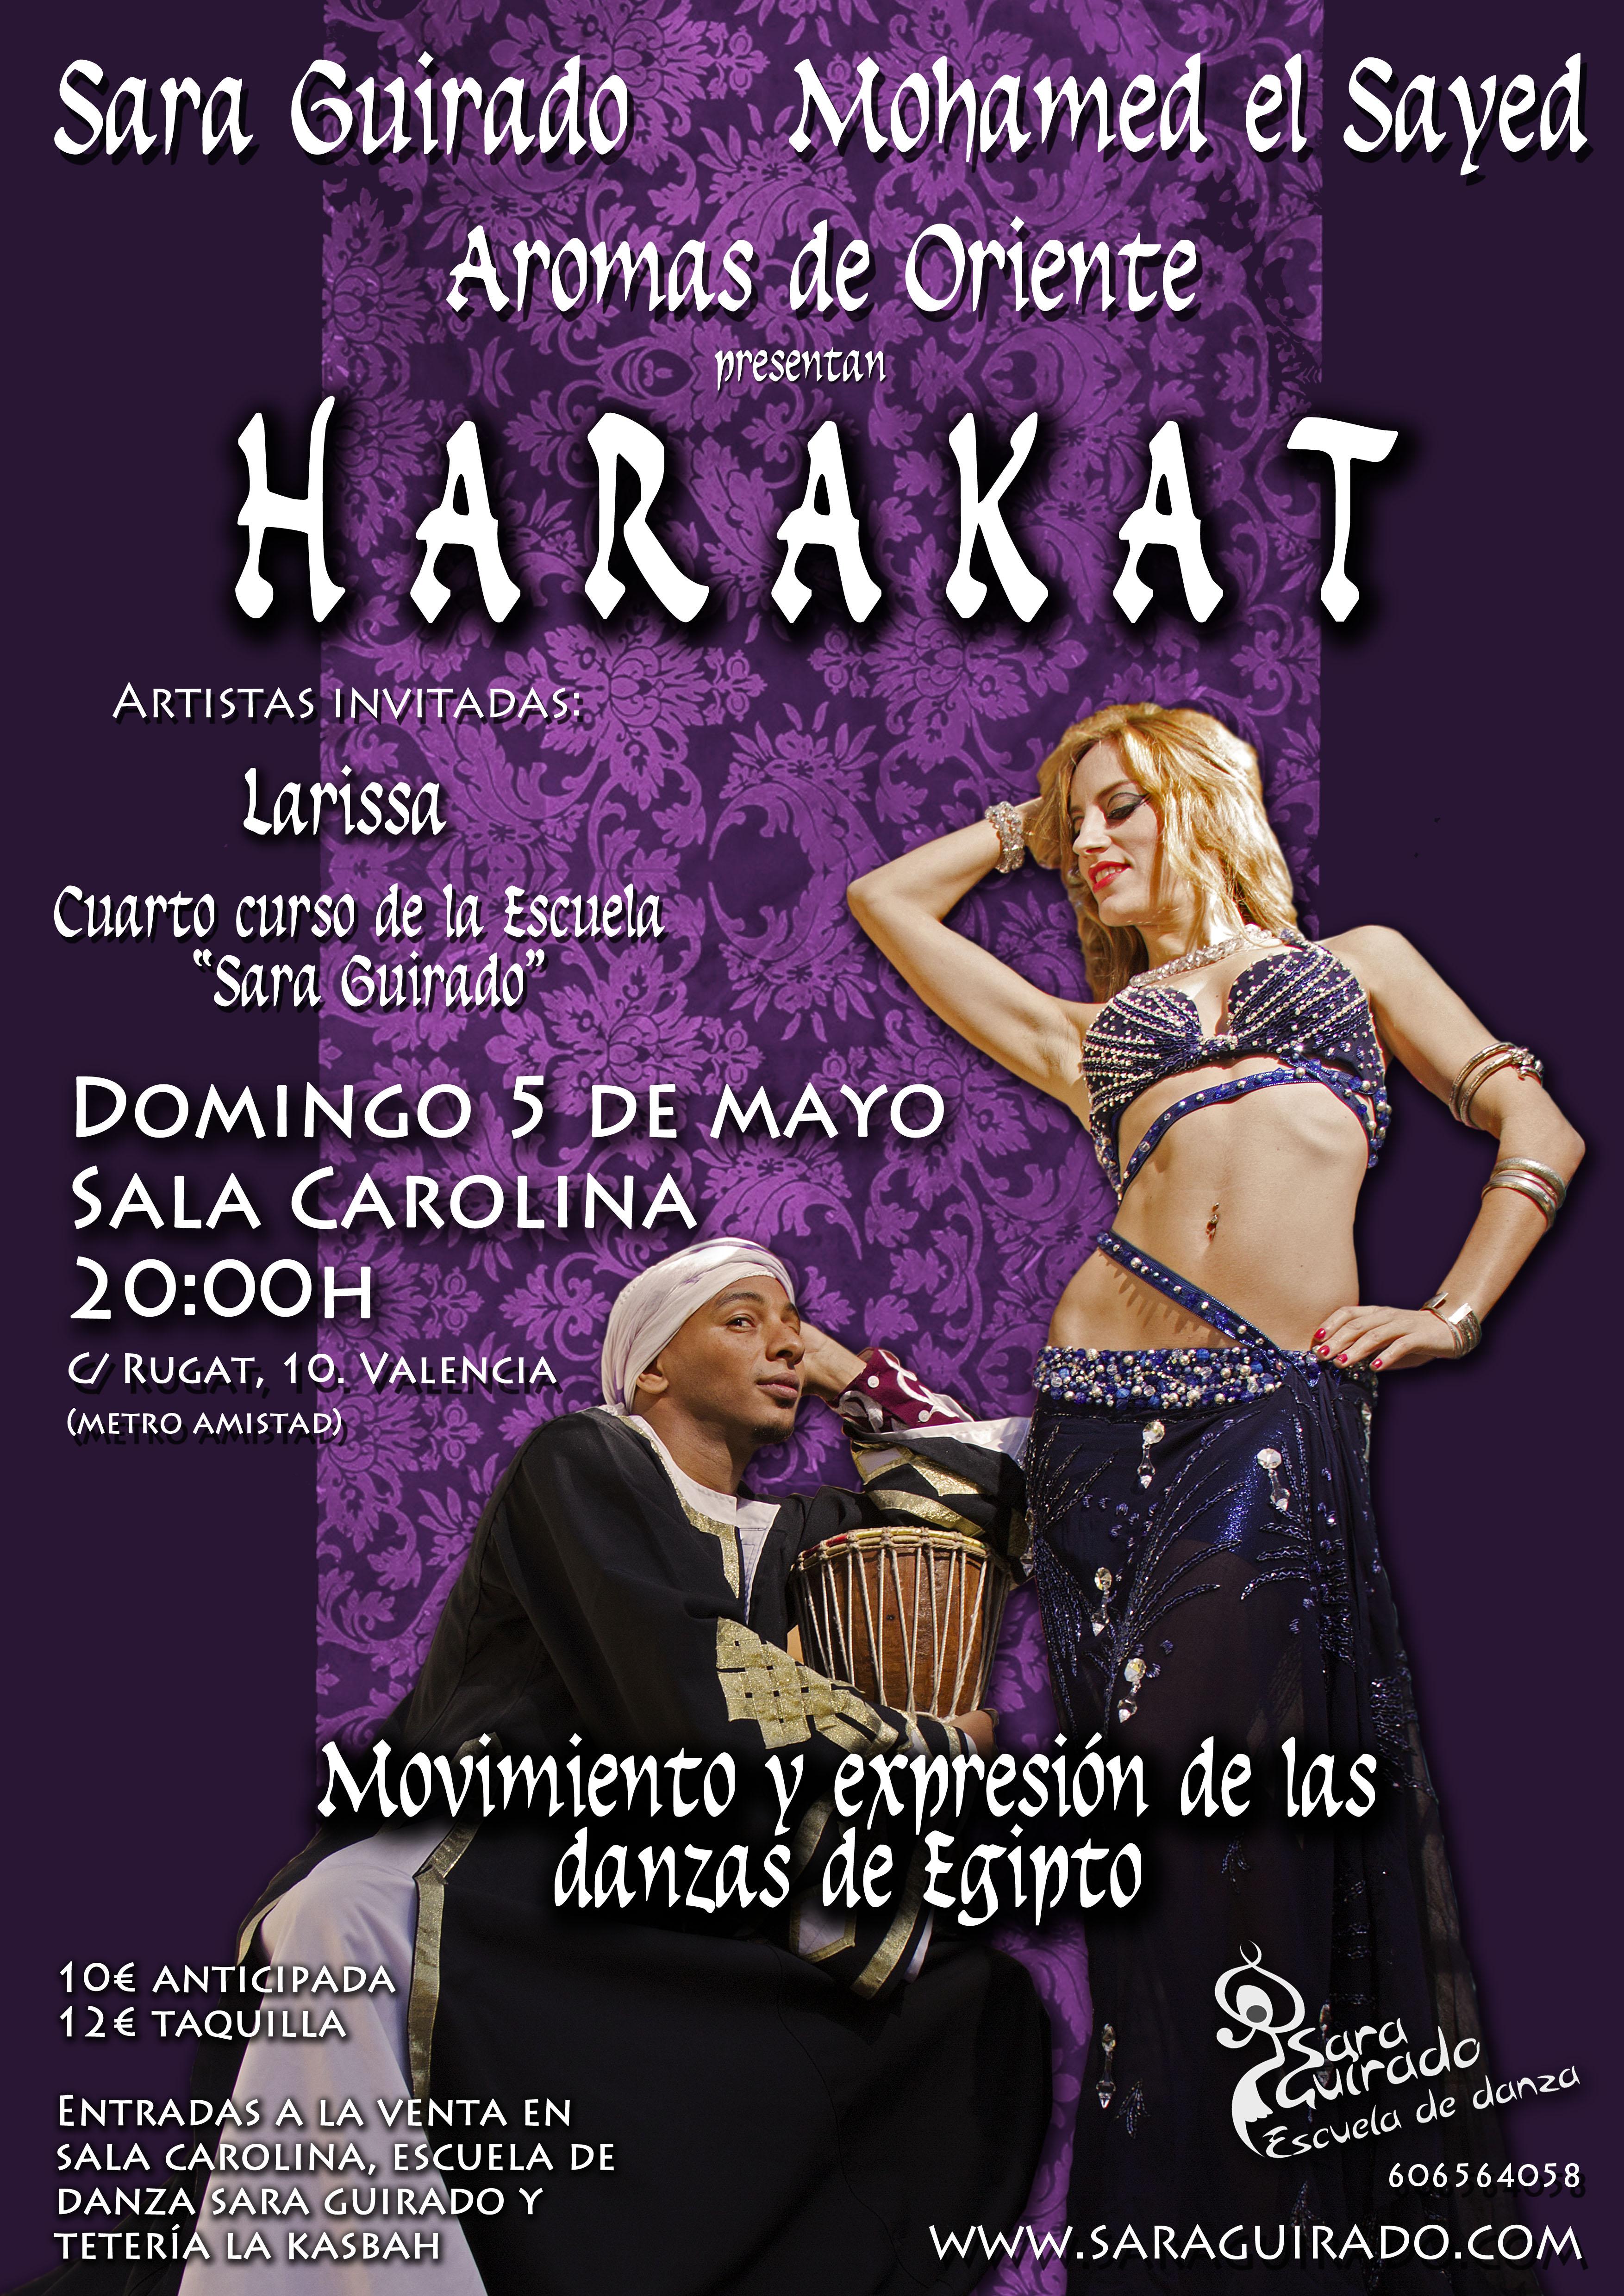 Festival danza oriental con Sara Guirado y Mohamed El Sayed en Aromas de Orienta HARAKAT 5 mayo 2013 Valencia